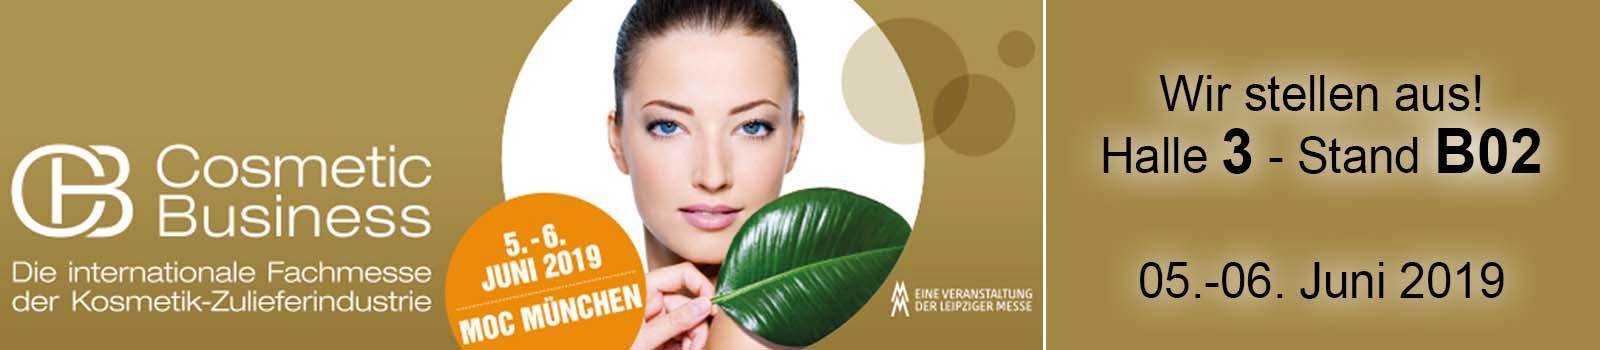 Cosmetic Business in München - Beautyspa stellt aus